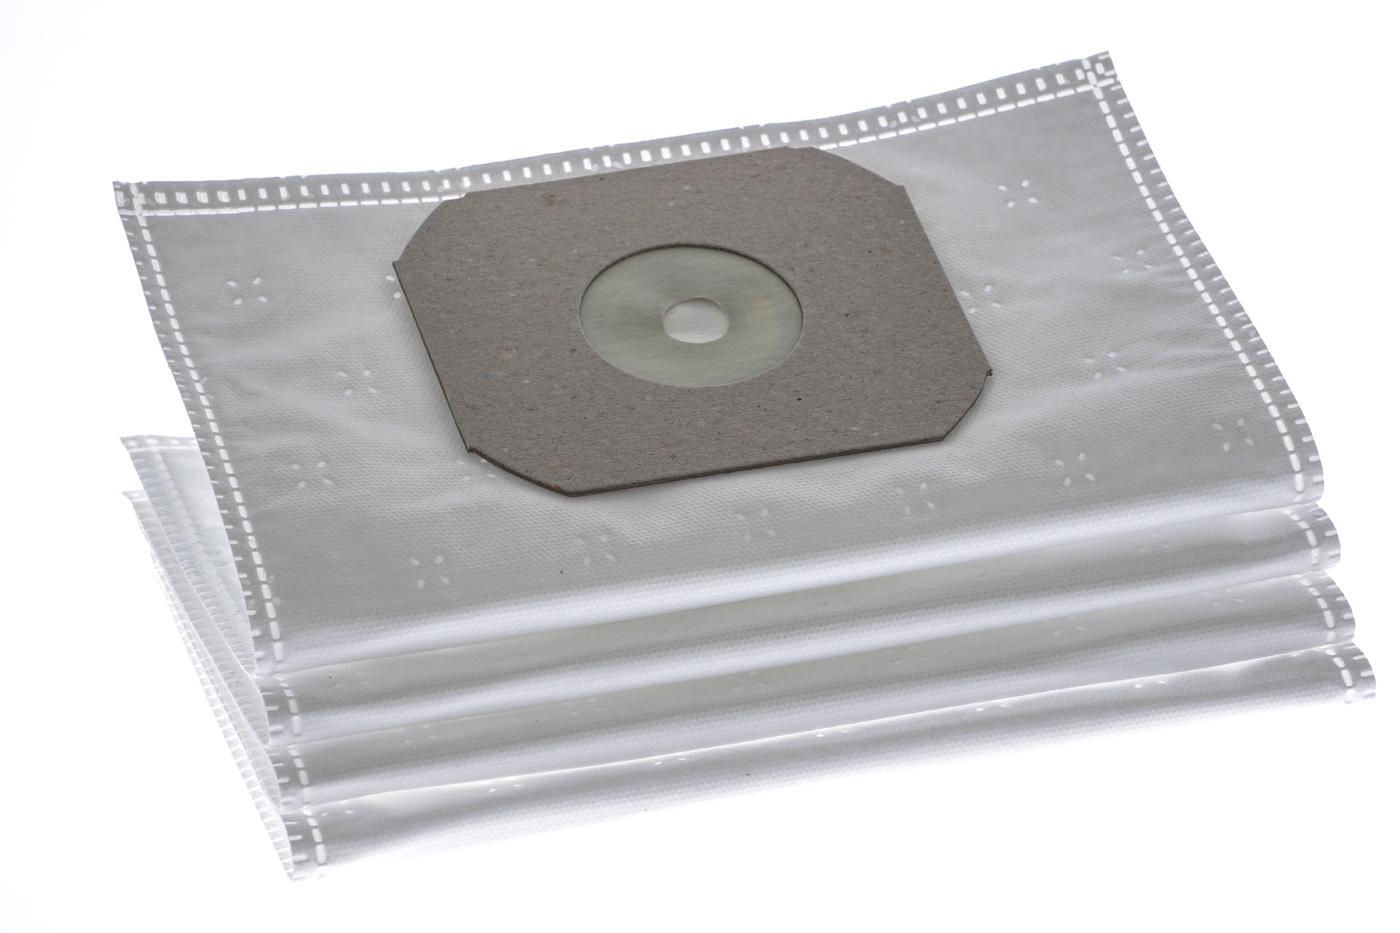 20 x Filtertüten Staubsaugerbeutel geeignet für Electrolux Z 2950 Filio